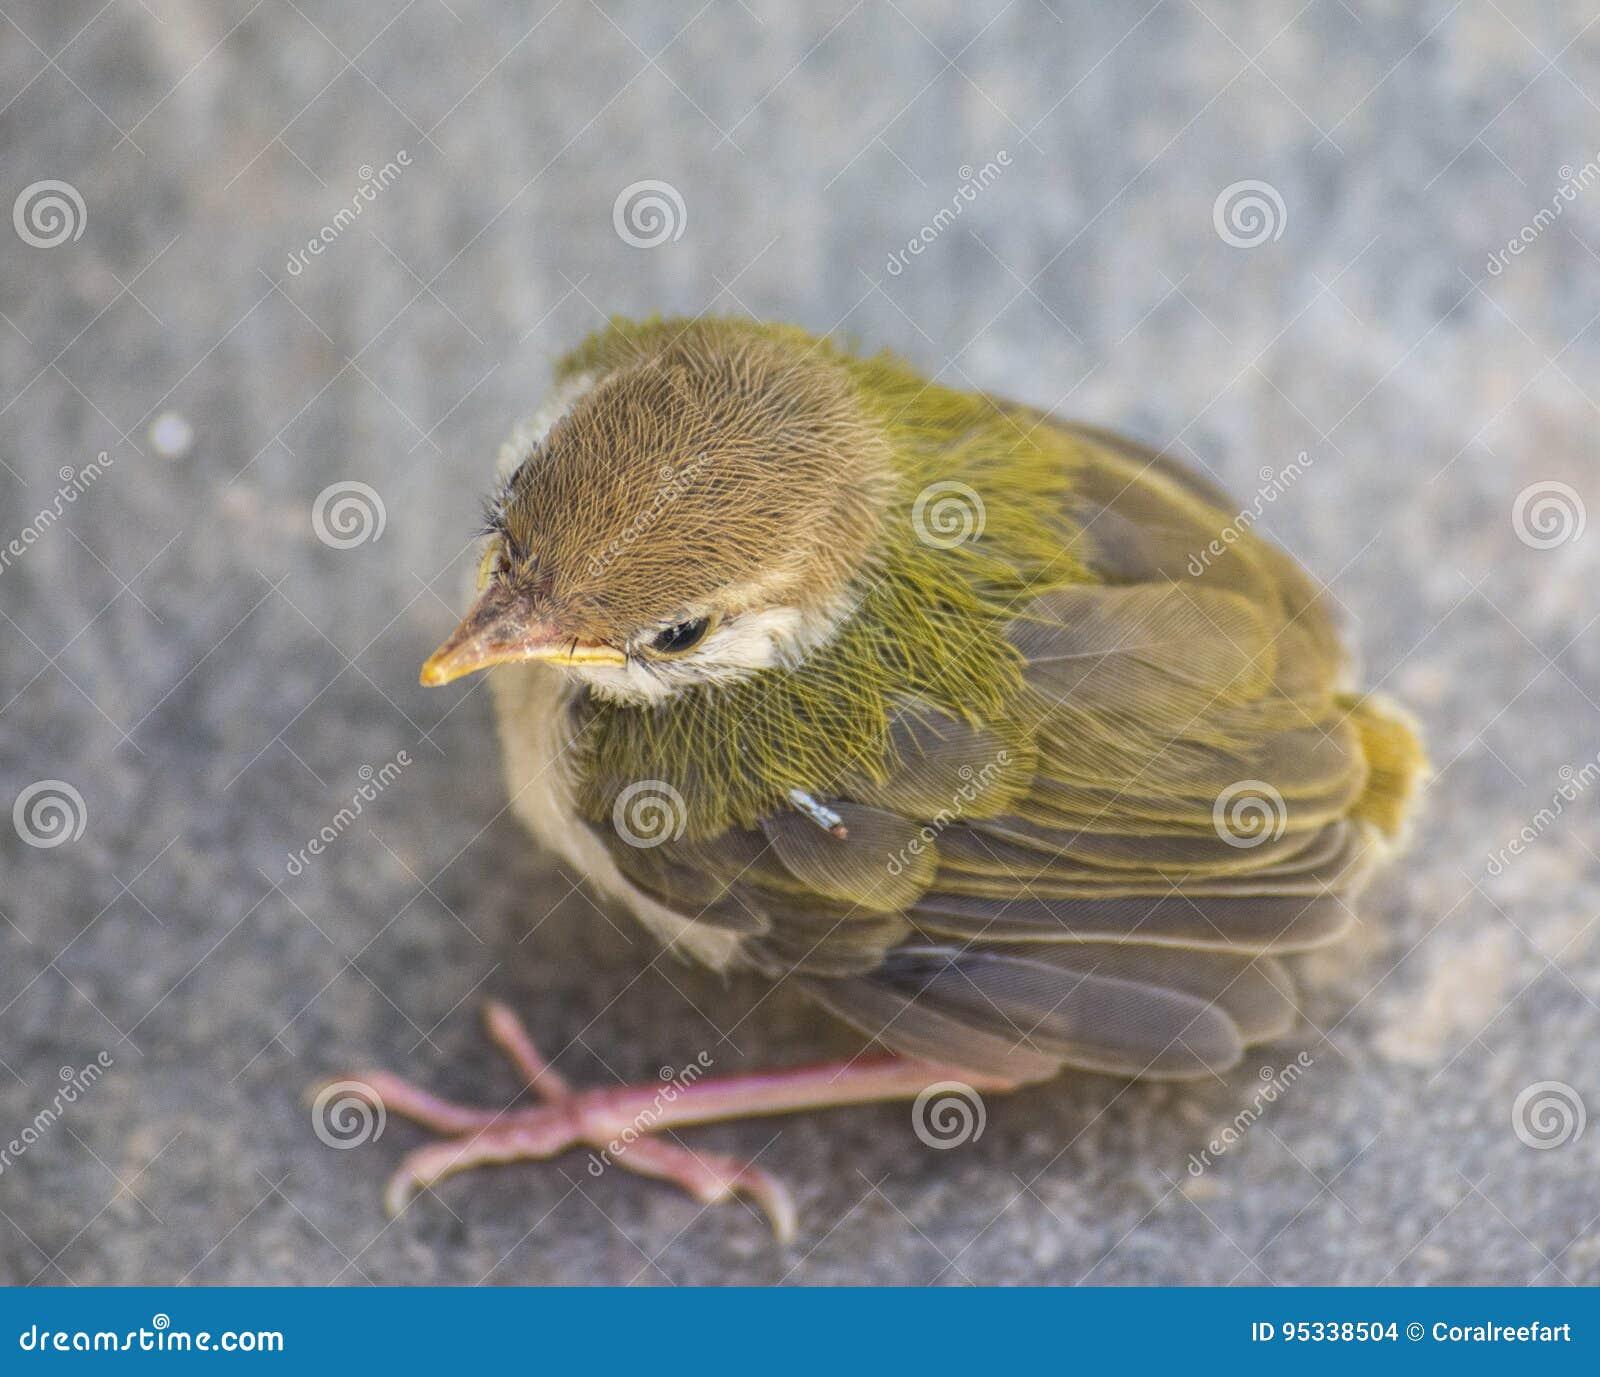 Juvenile Tailor Bird top view